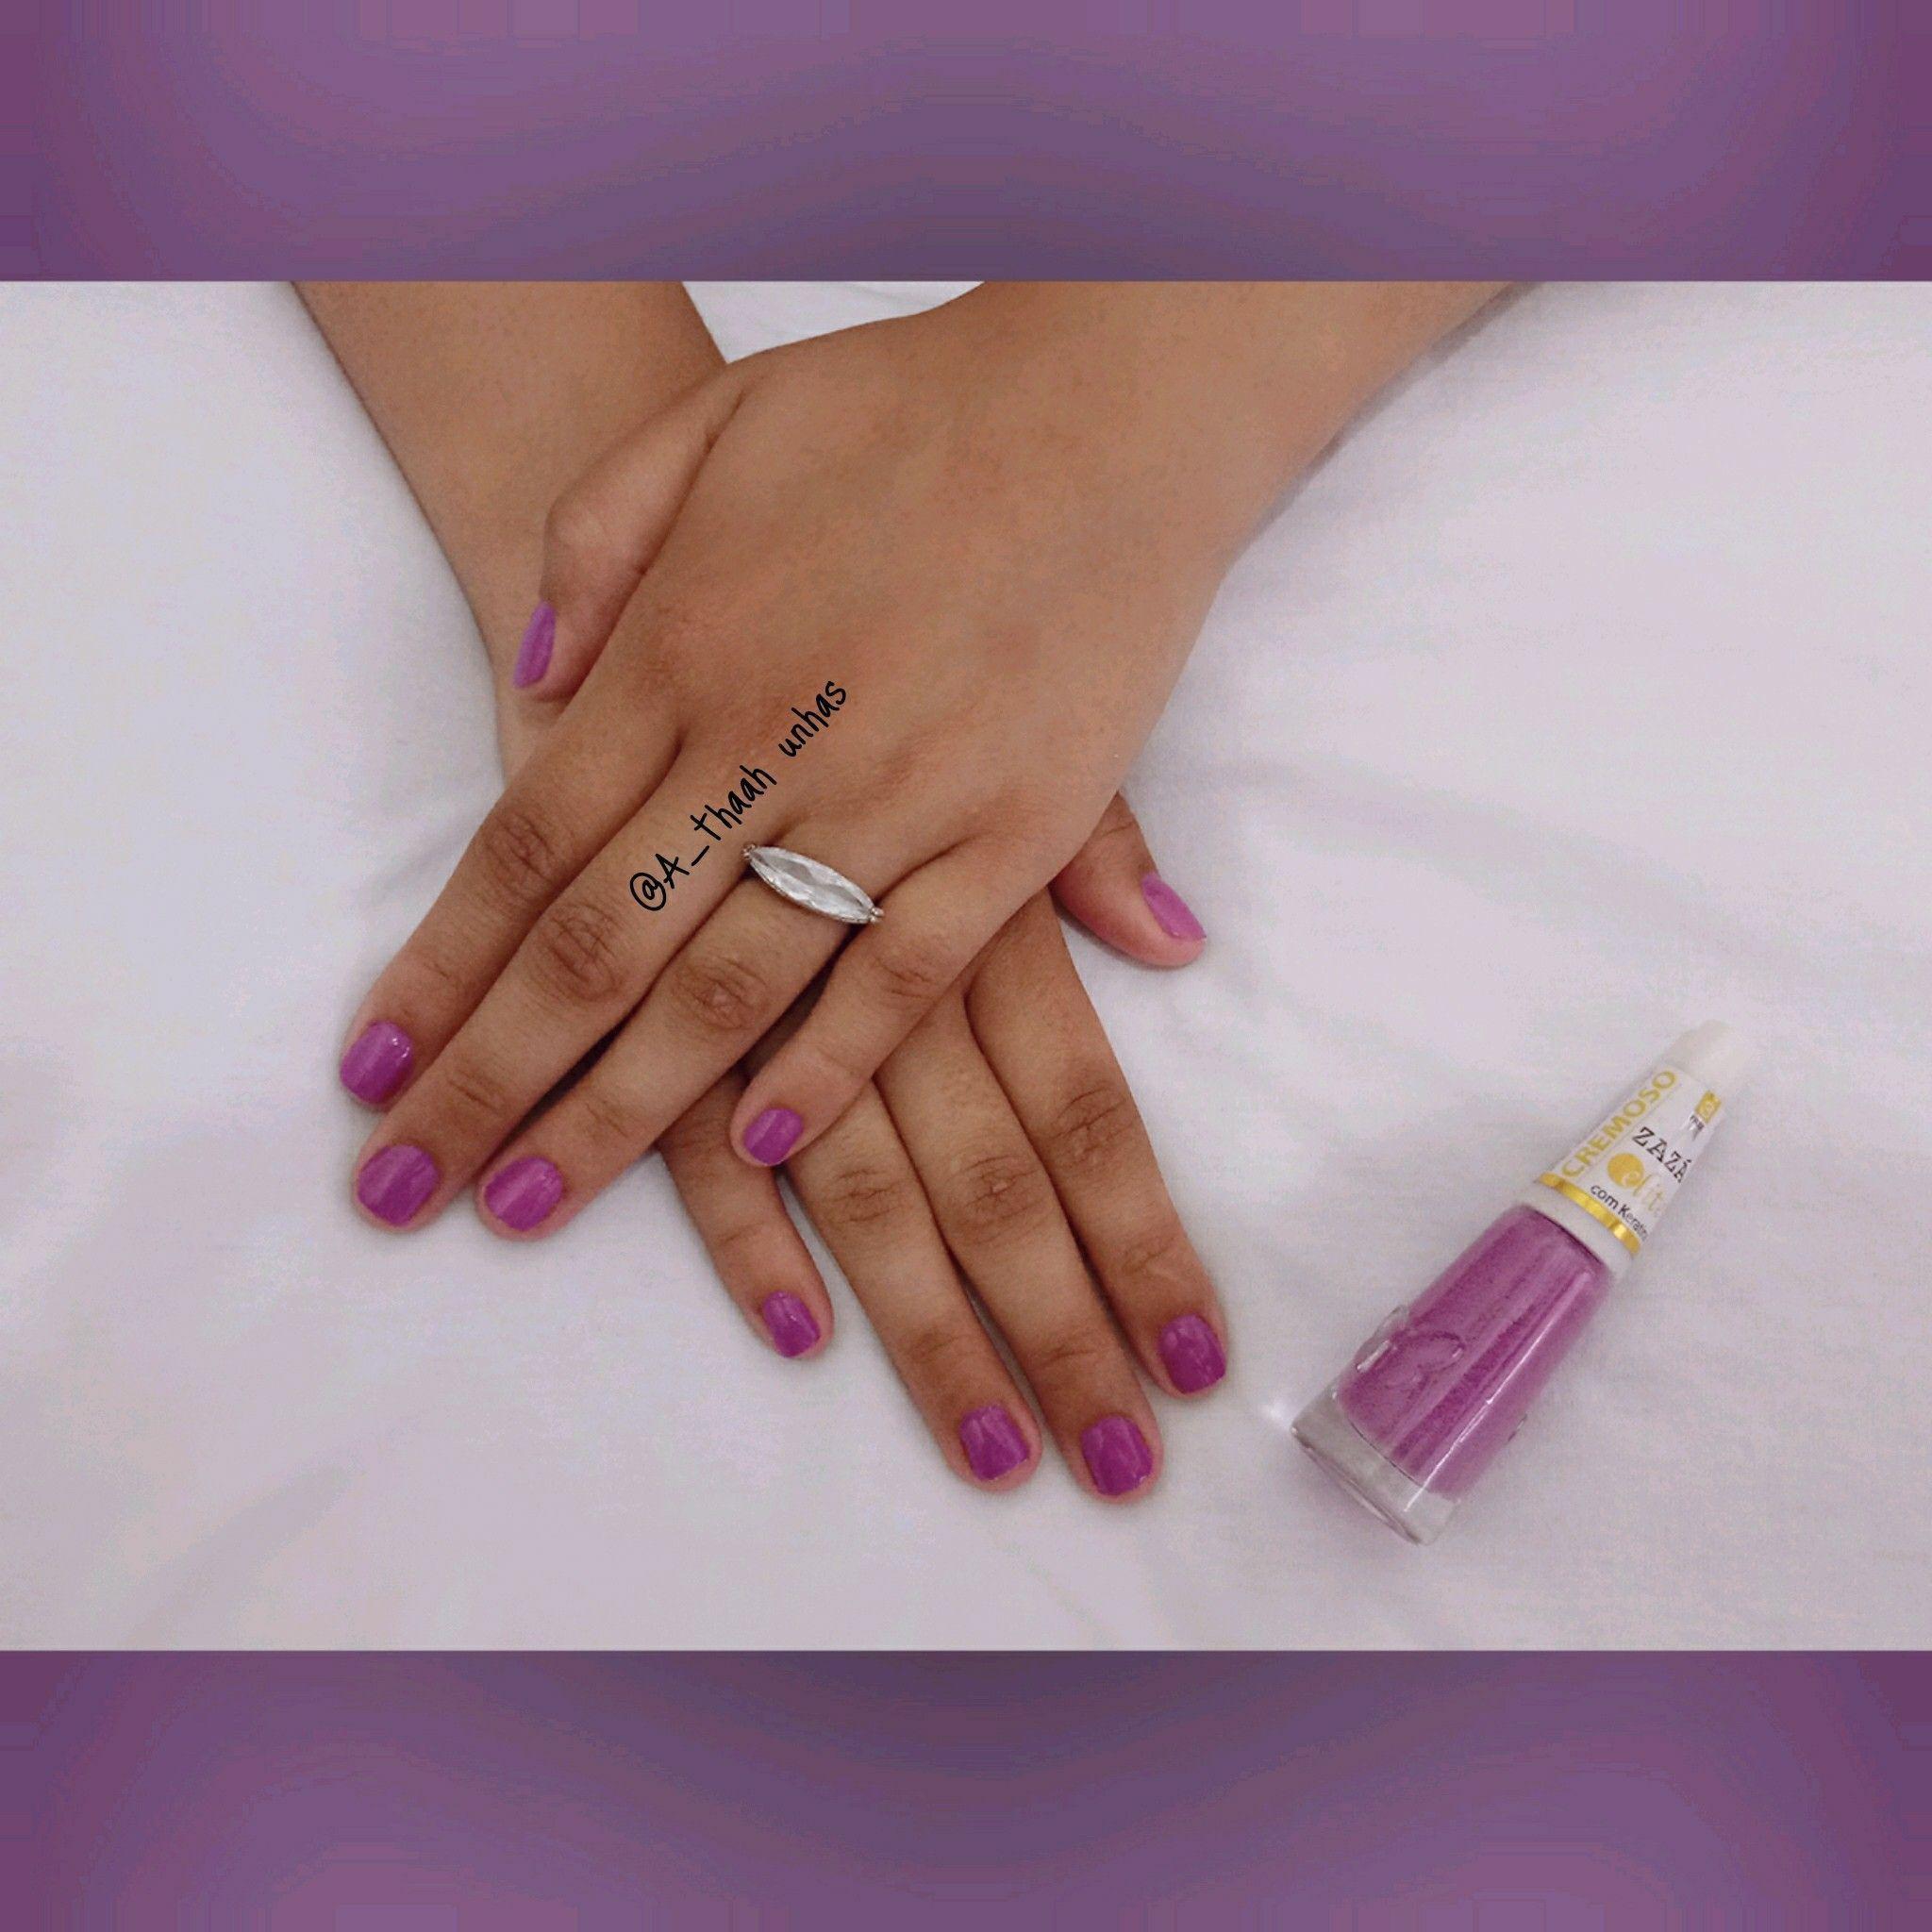 #Lilás #Zaza #ludorama #linda unha manicure e pedicure designer de sobrancelhas